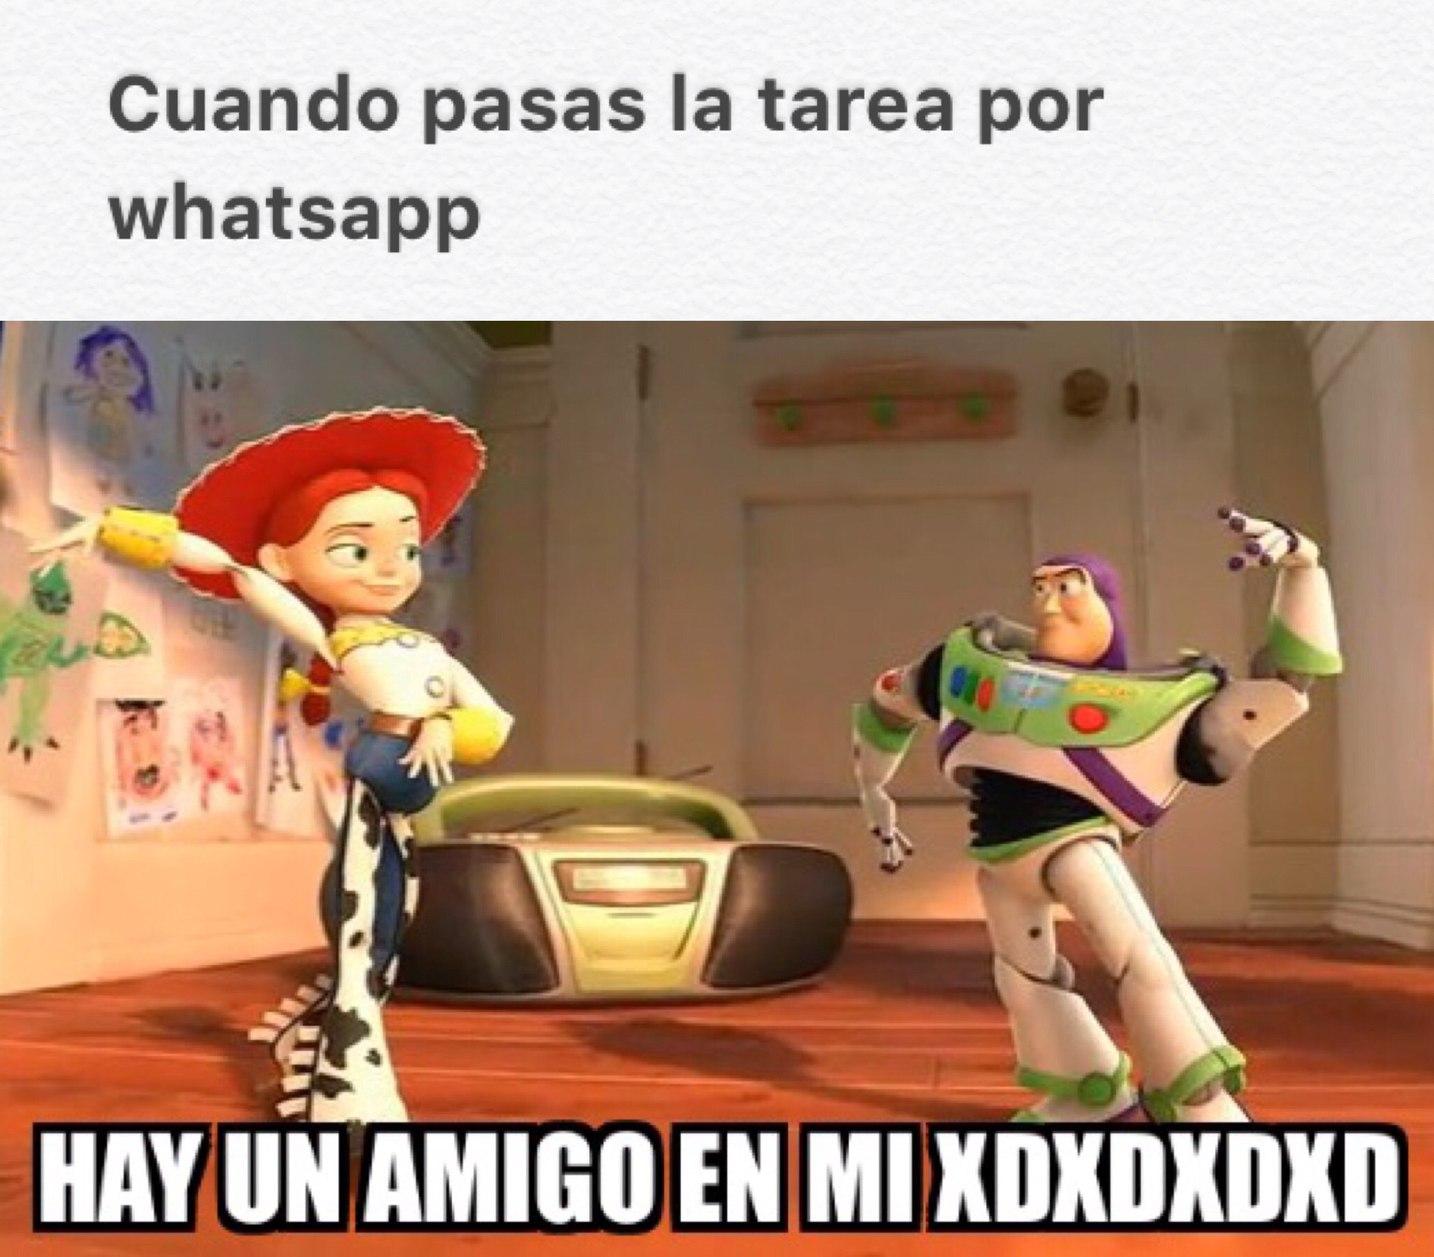 hay un amigo en mi xdxdxdx (meme e imagen hecha por mi)